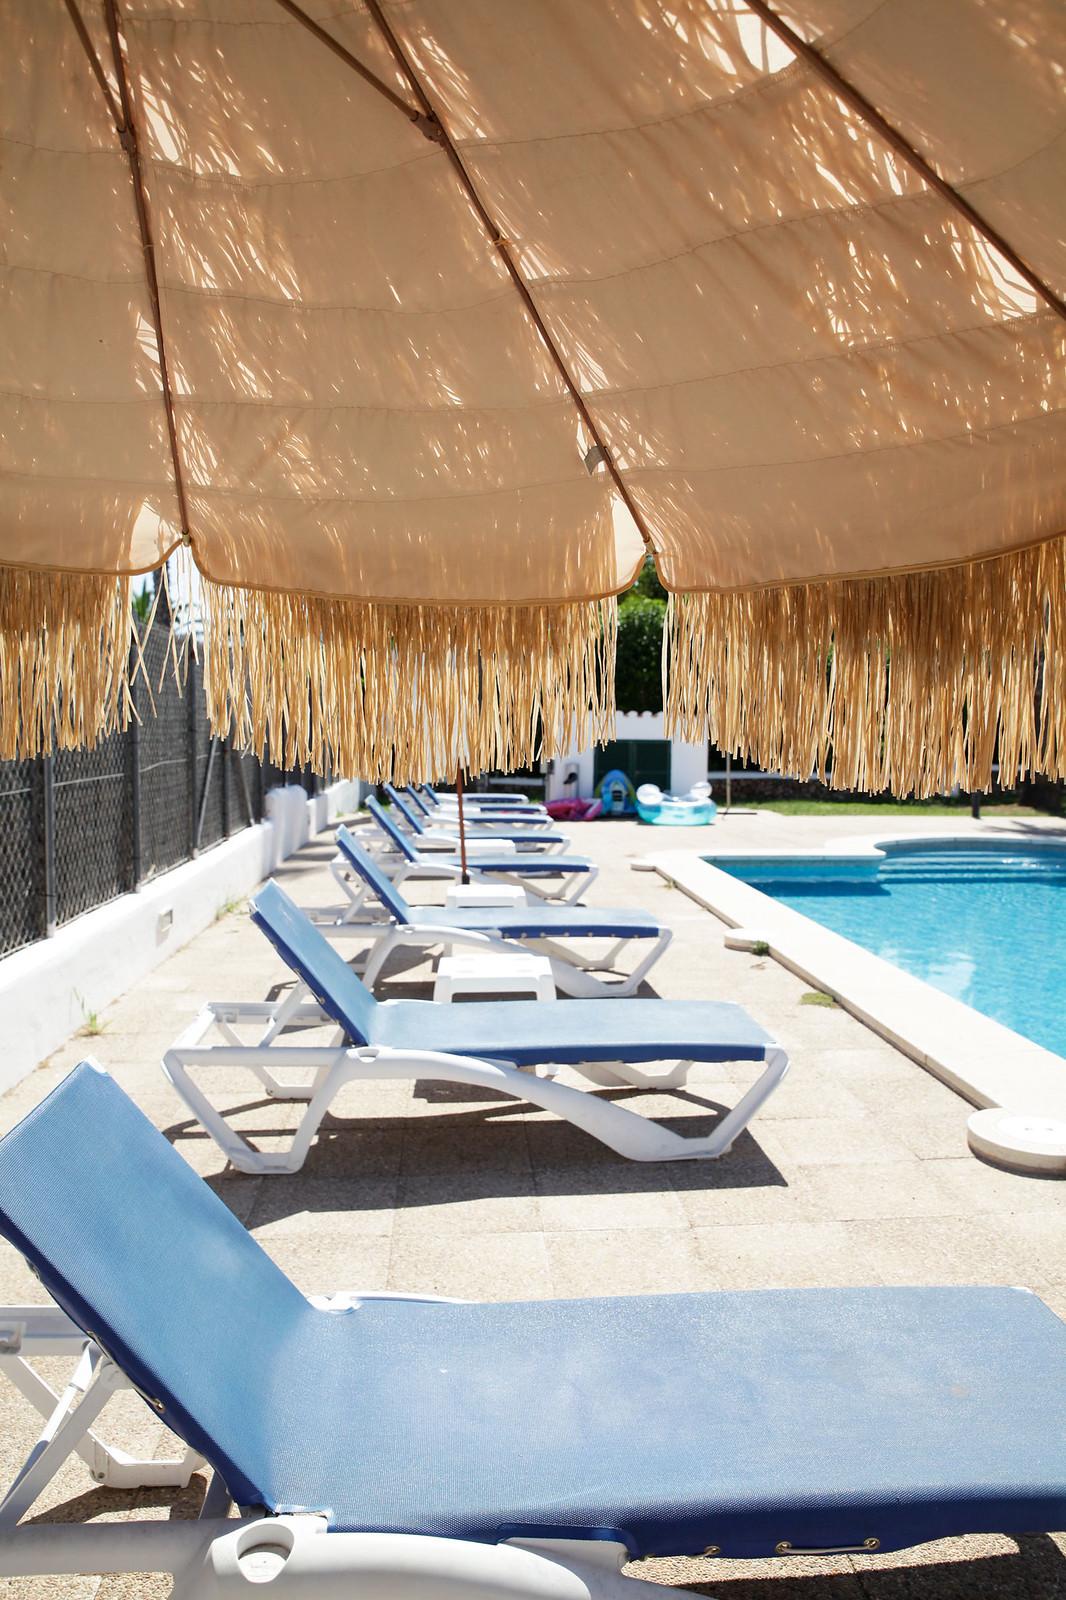 04_jamaica_apartamentos_menorca_vacaciones_en_familia_theguestgirl_travel_post_travel_viajar_fornells_menorca_the_guest_girl